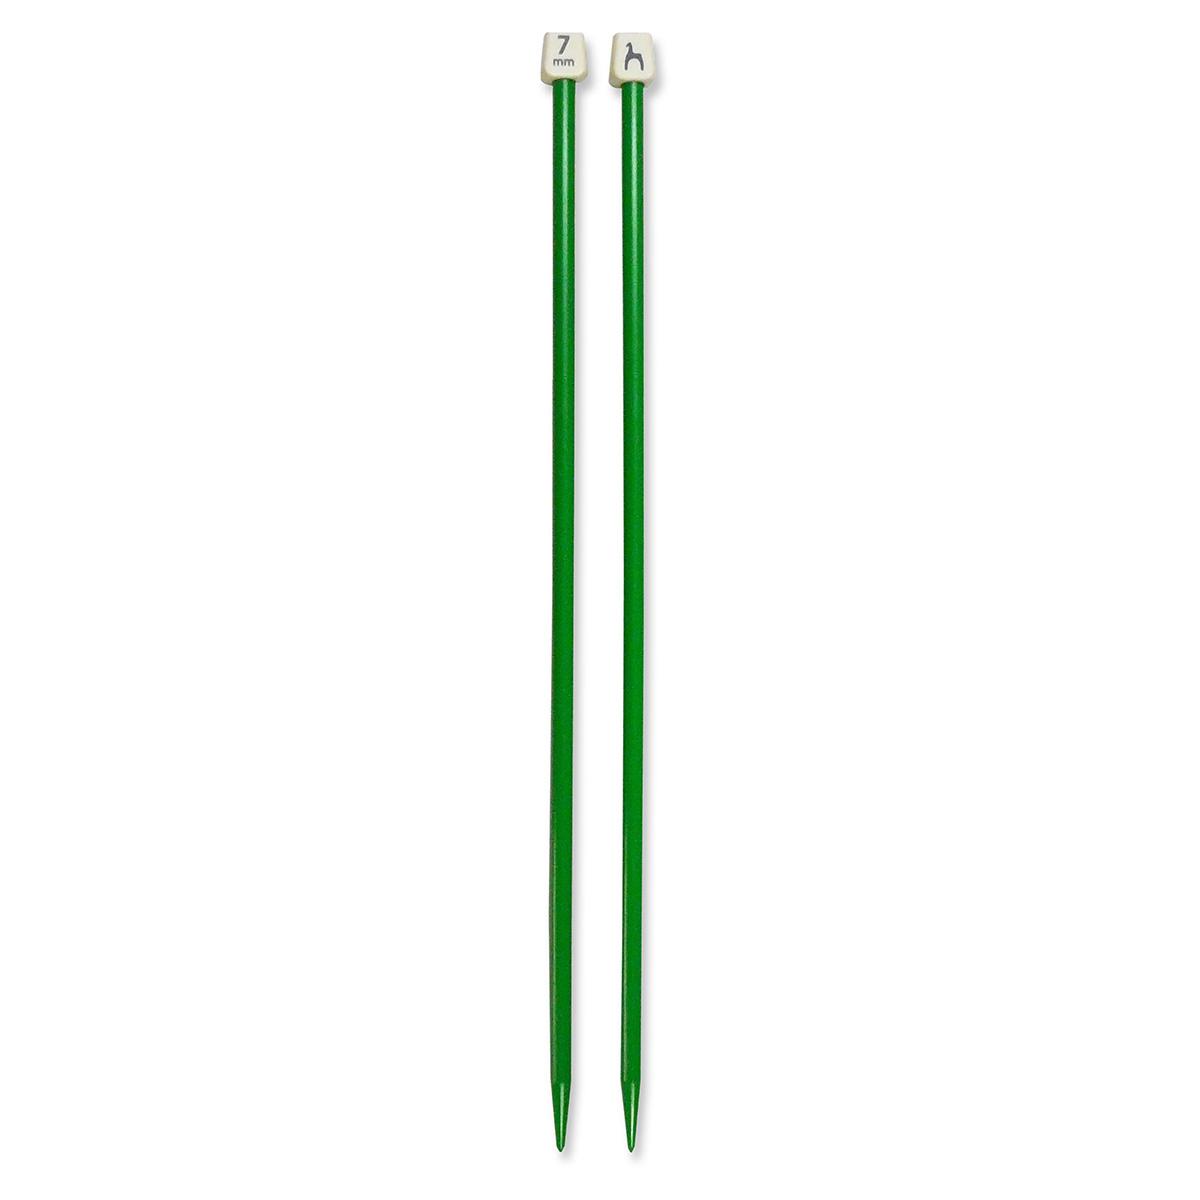 Pony strikkepinde - Nr. 7 - Grøn